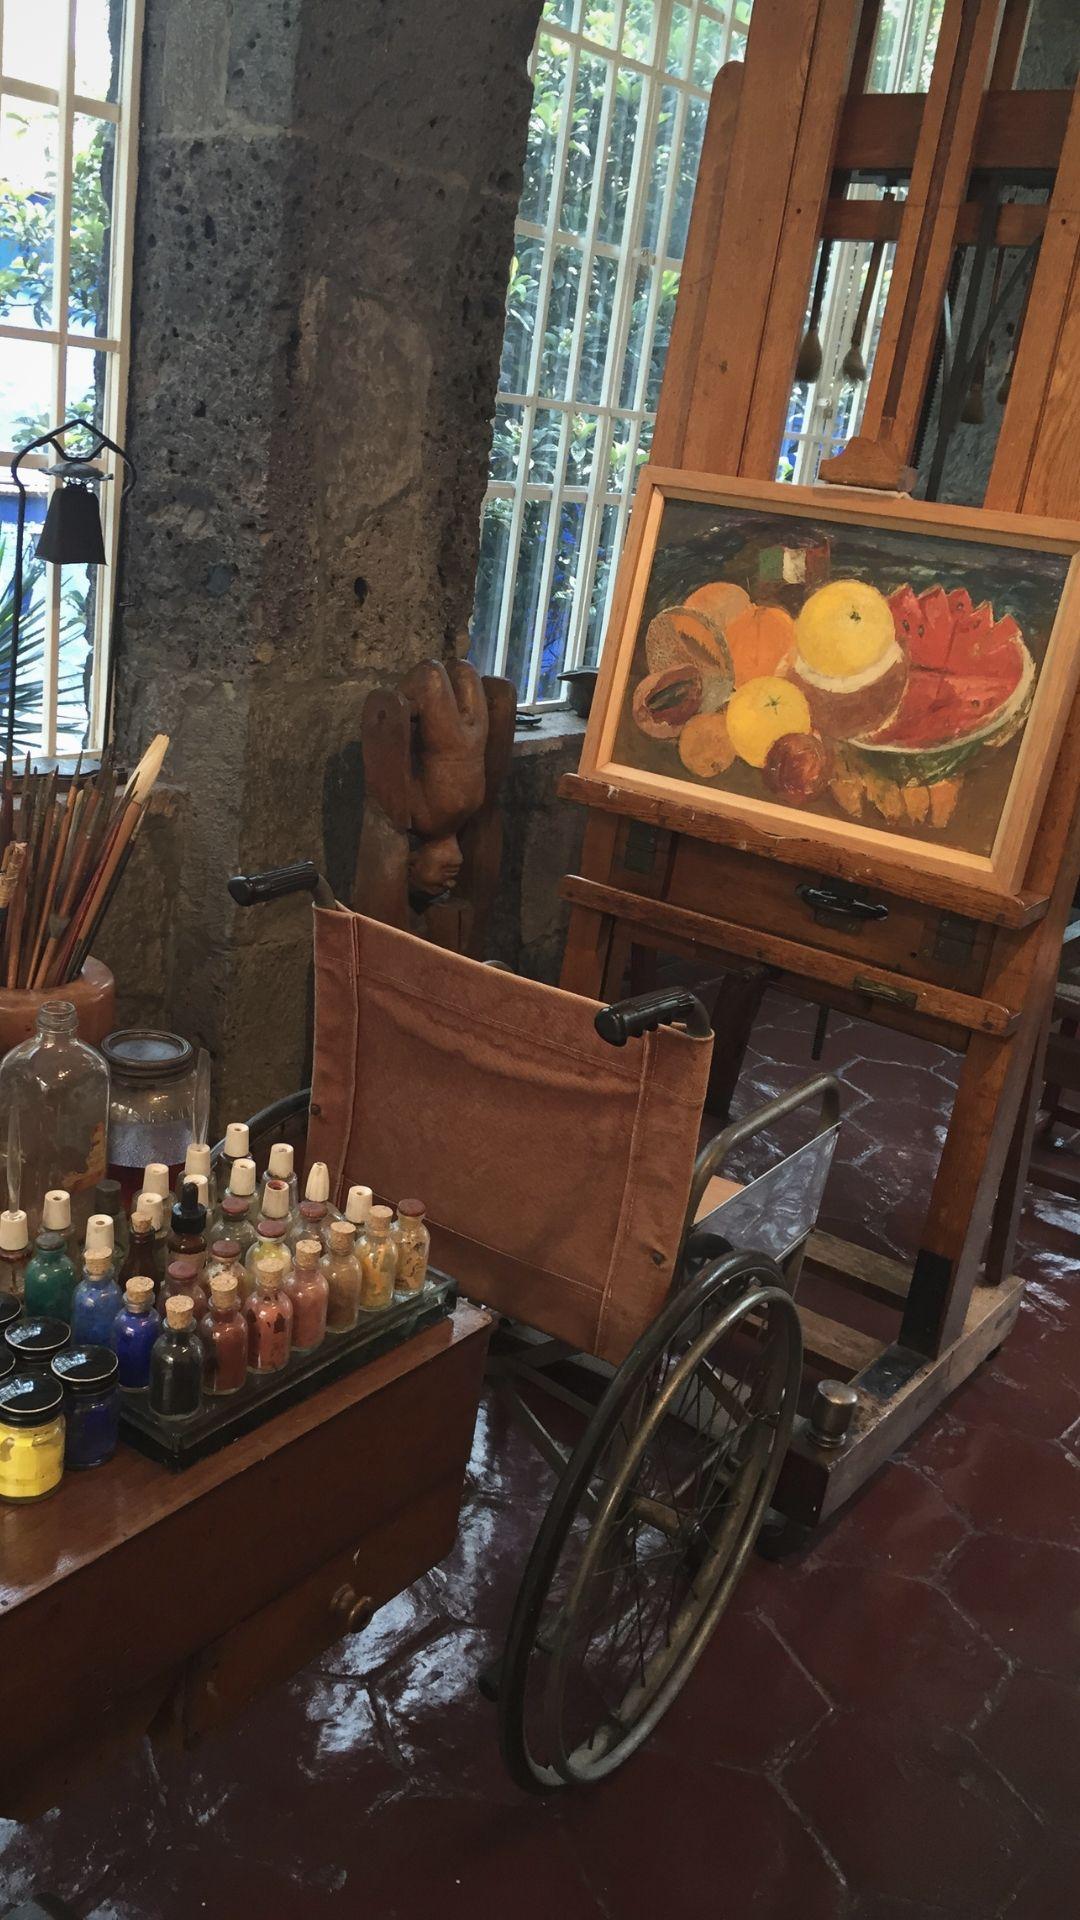 Cadeira de Rodas de Frida Kahlo em frente a uma pintura